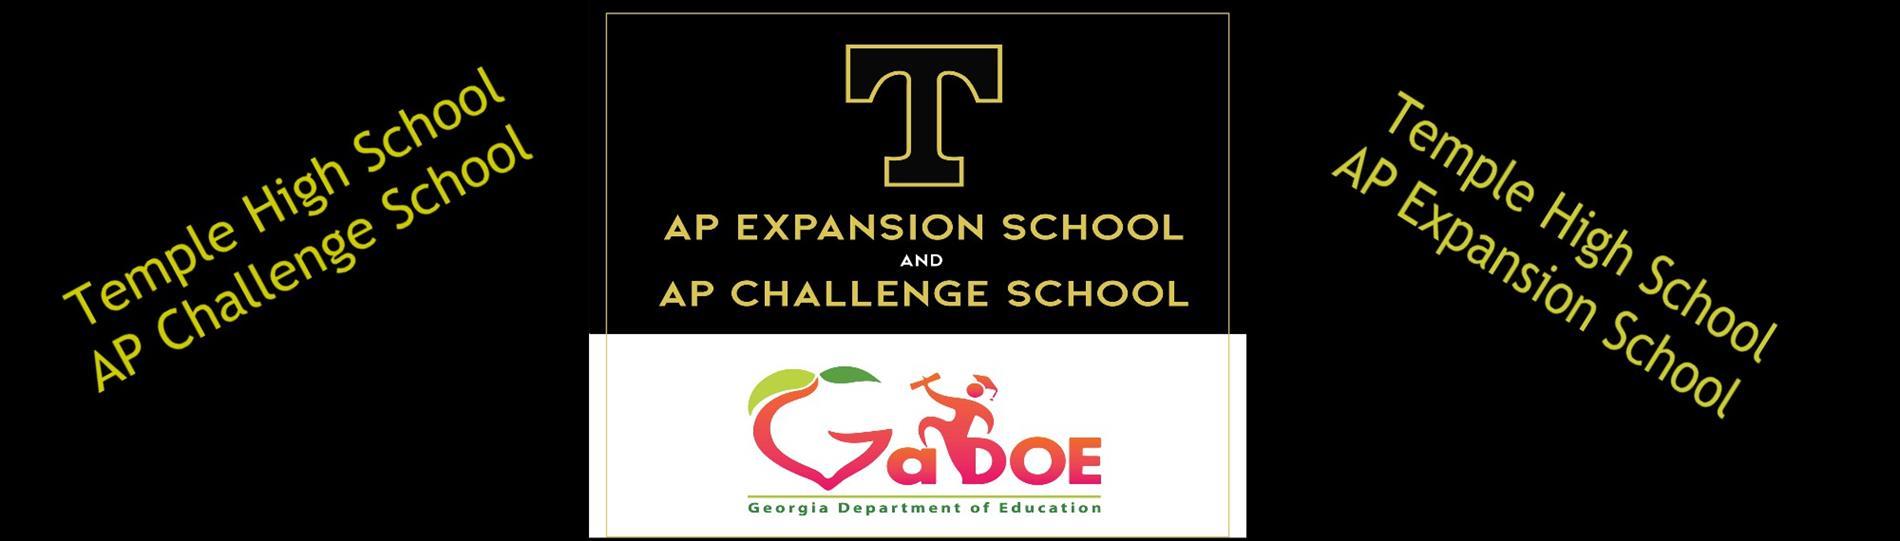 Ap Challenge School